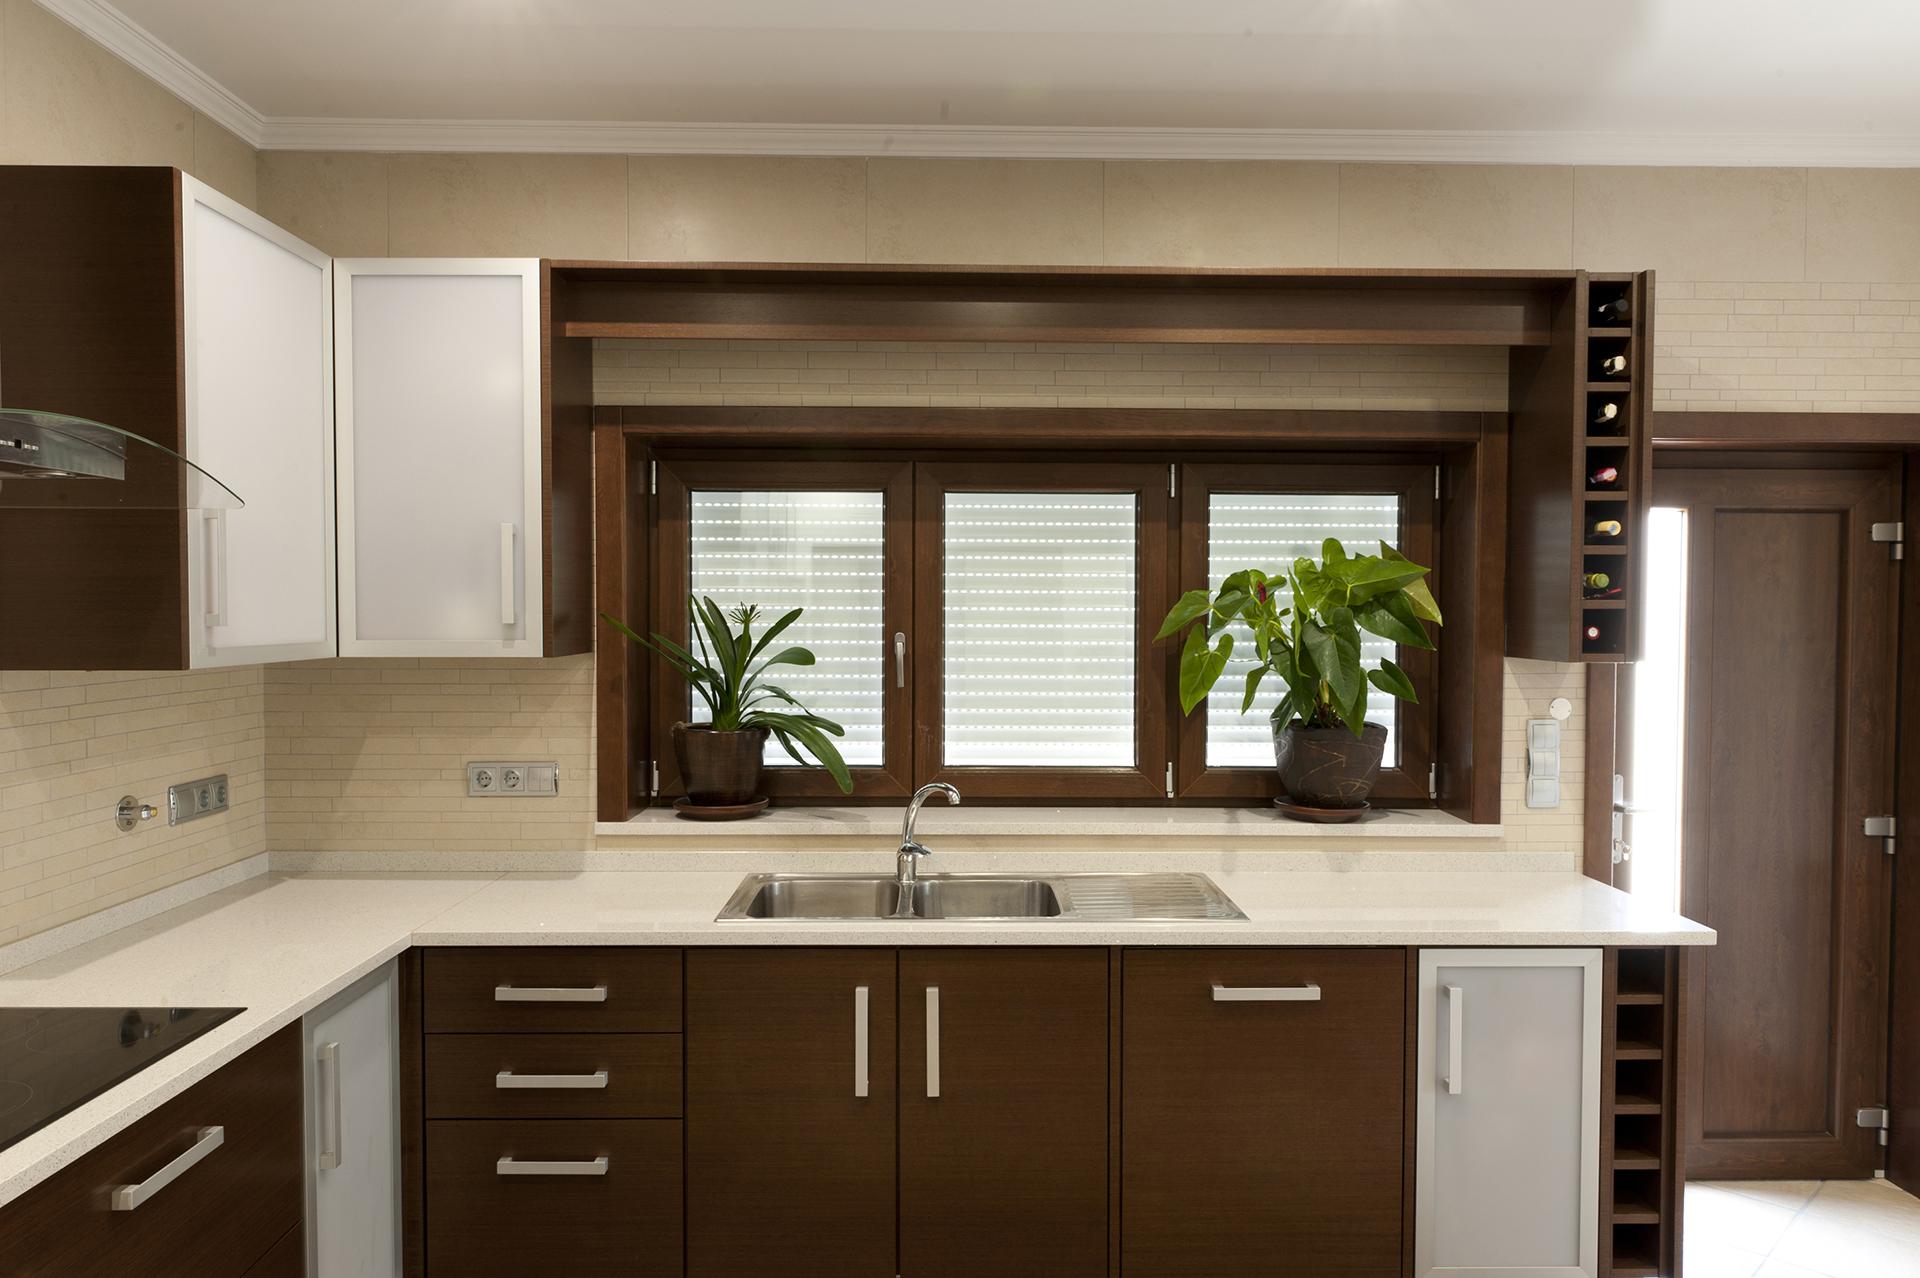 Cozinha com frentes em Wengé Malhado e Alumínio com Acrílico